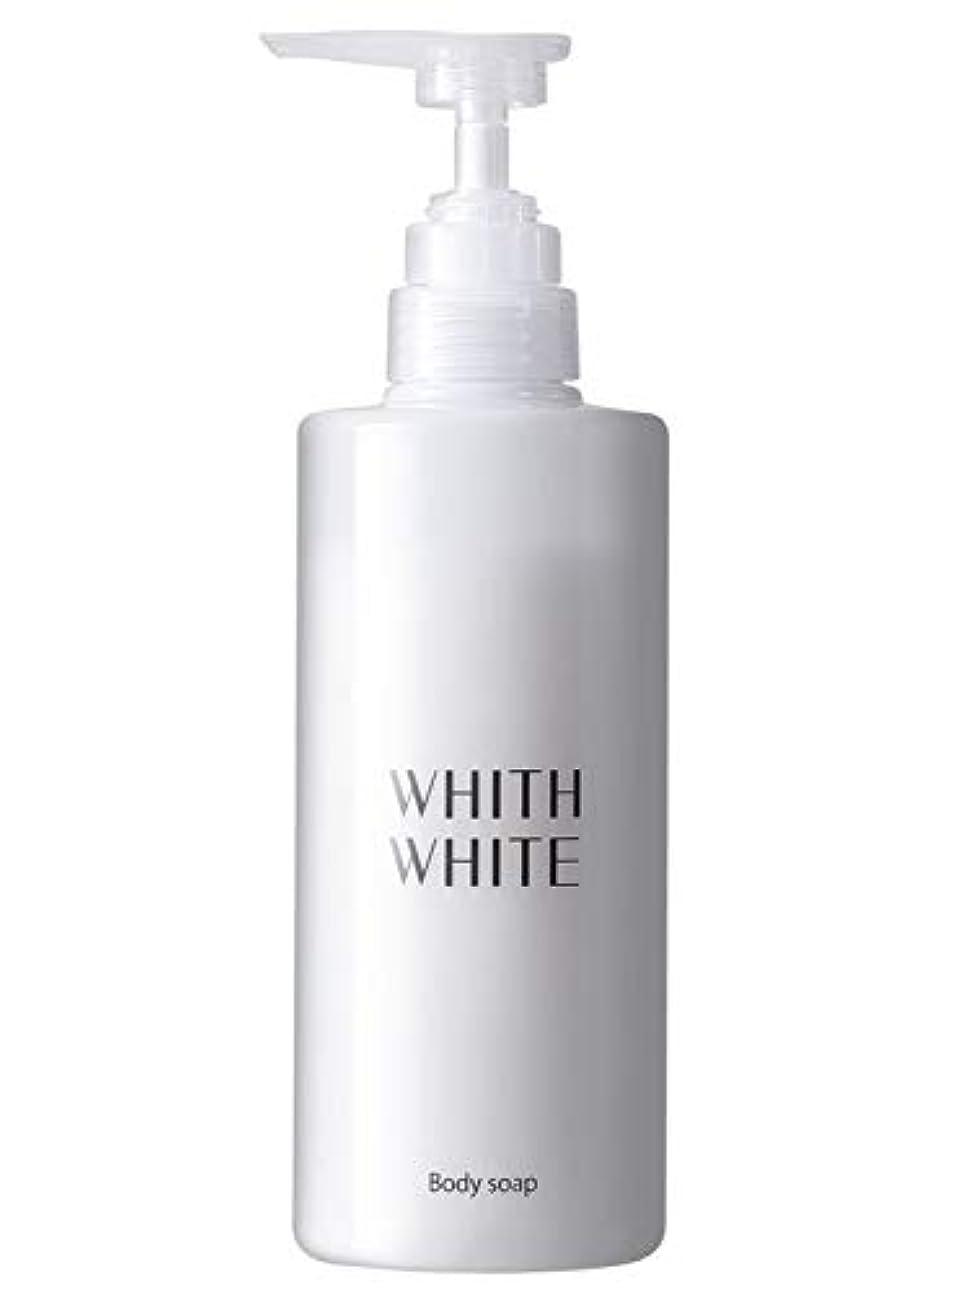 硫黄支援憂慮すべきフィス ホワイト ボディソープ 【 エレガントフローラルのいい香り 】 無添加 保湿 ボディーソープ 「 泡で黒ずみ さっぱり ボディシャンプー 」「 ヒアルロン酸 コラーゲン セラミド 配合」450ml